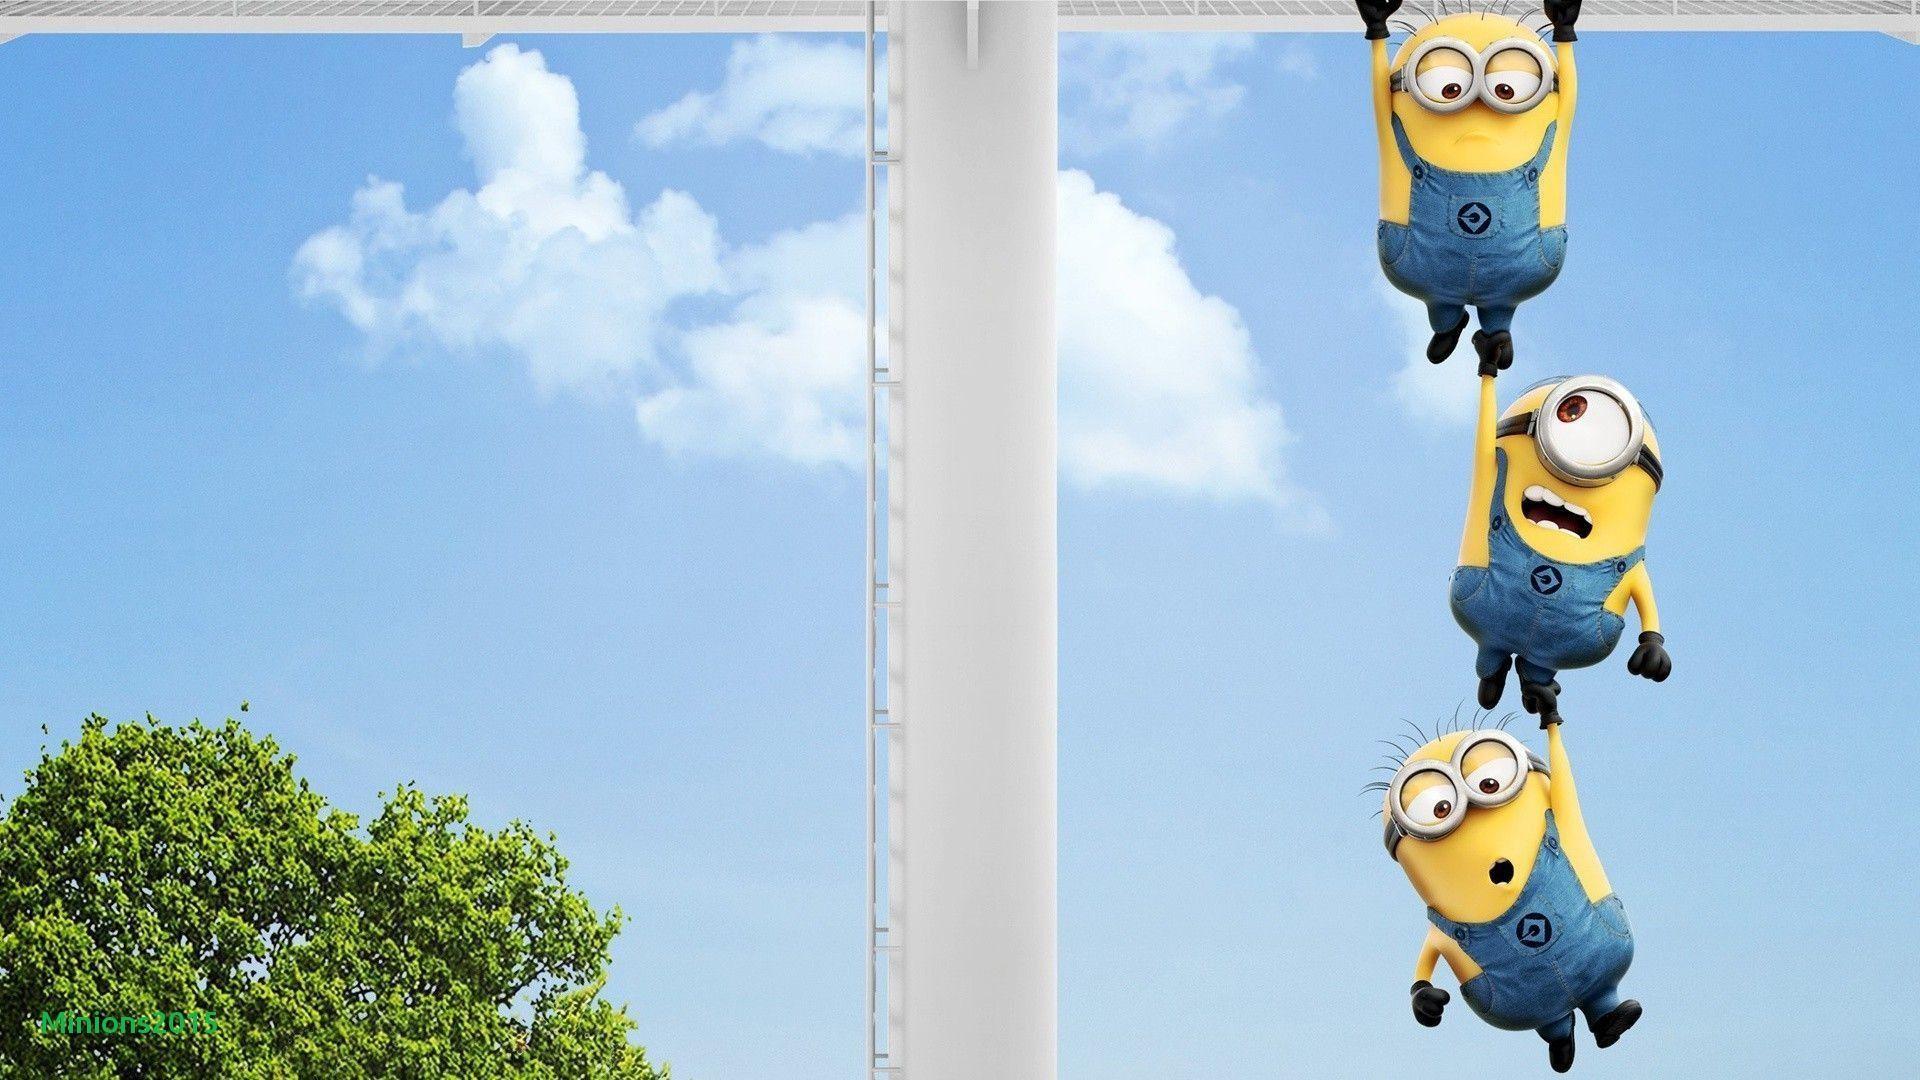 Image Result For Minion Funny Minions Wallpaper Minion